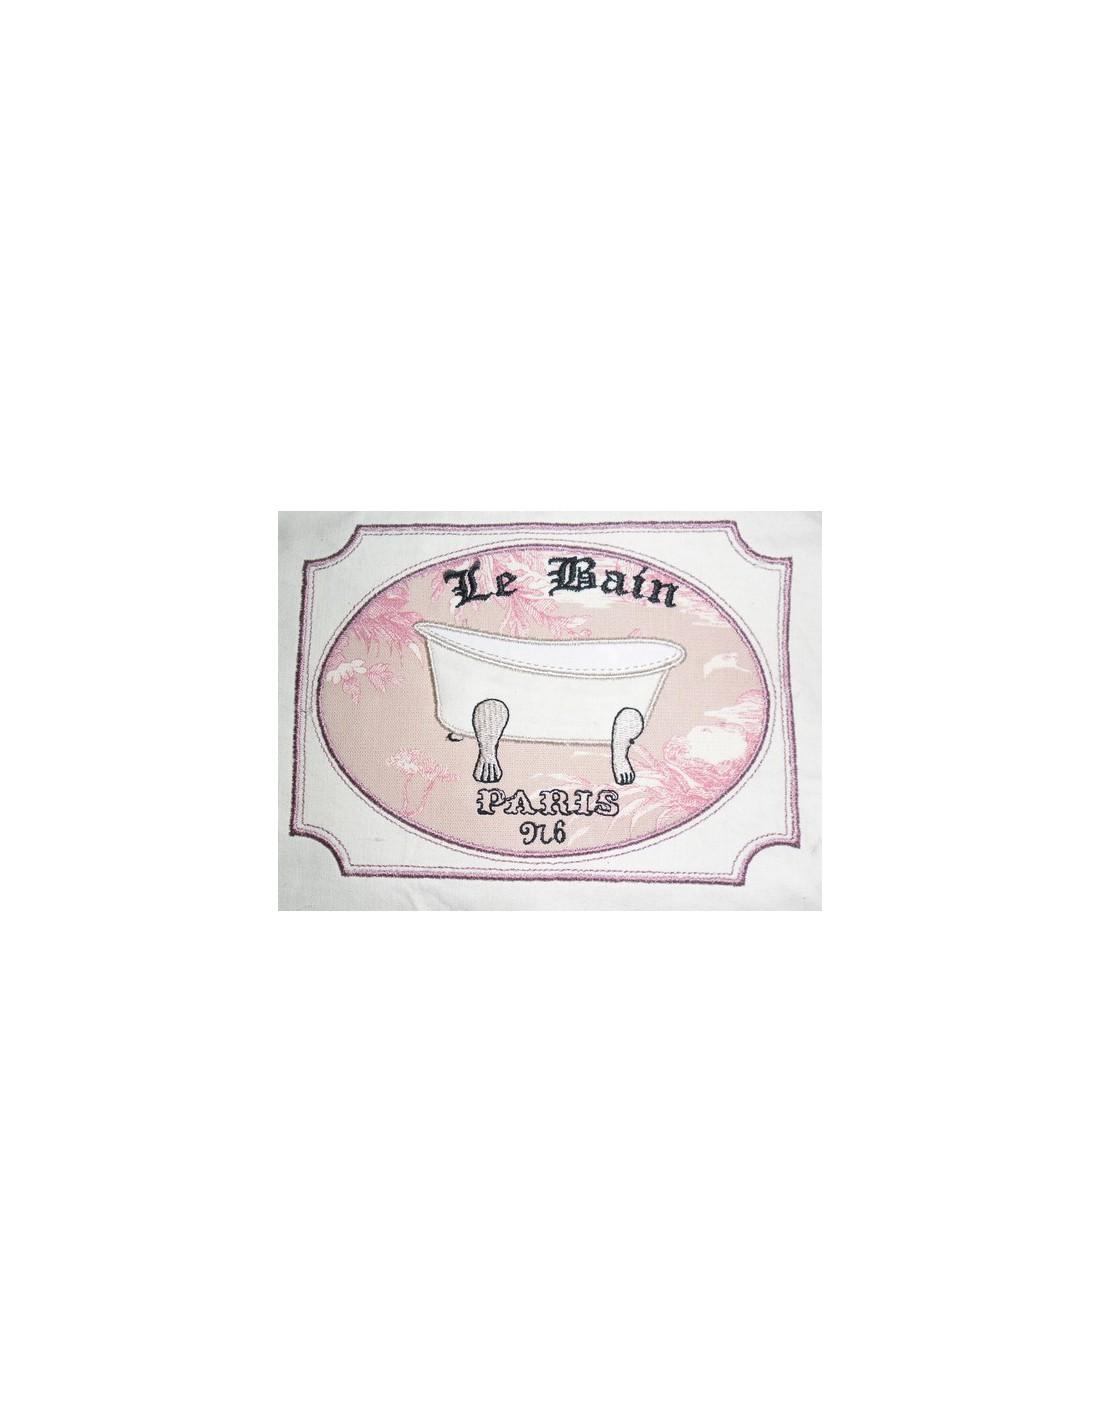 Flacon de parfum n1 10x10 cm alice broderie - Ancienne baignoire en 3 lettres ...